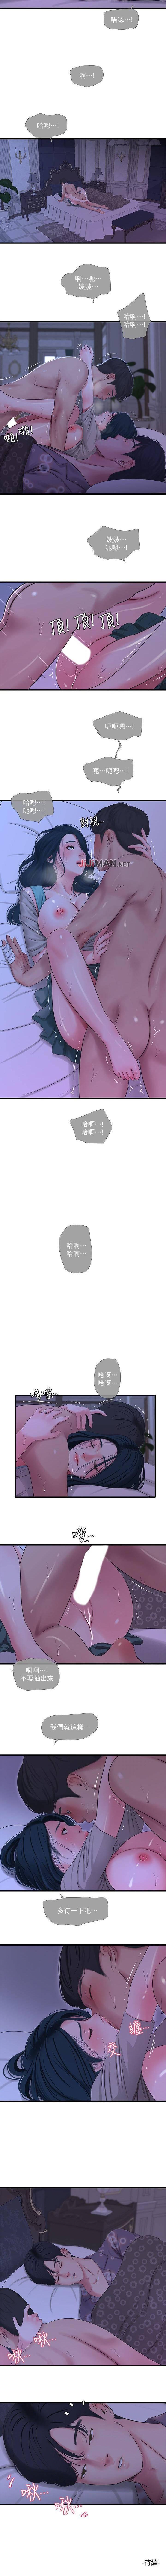 【周四连载】亲家四姐妹(作者:愛摸) 第1~37话 172